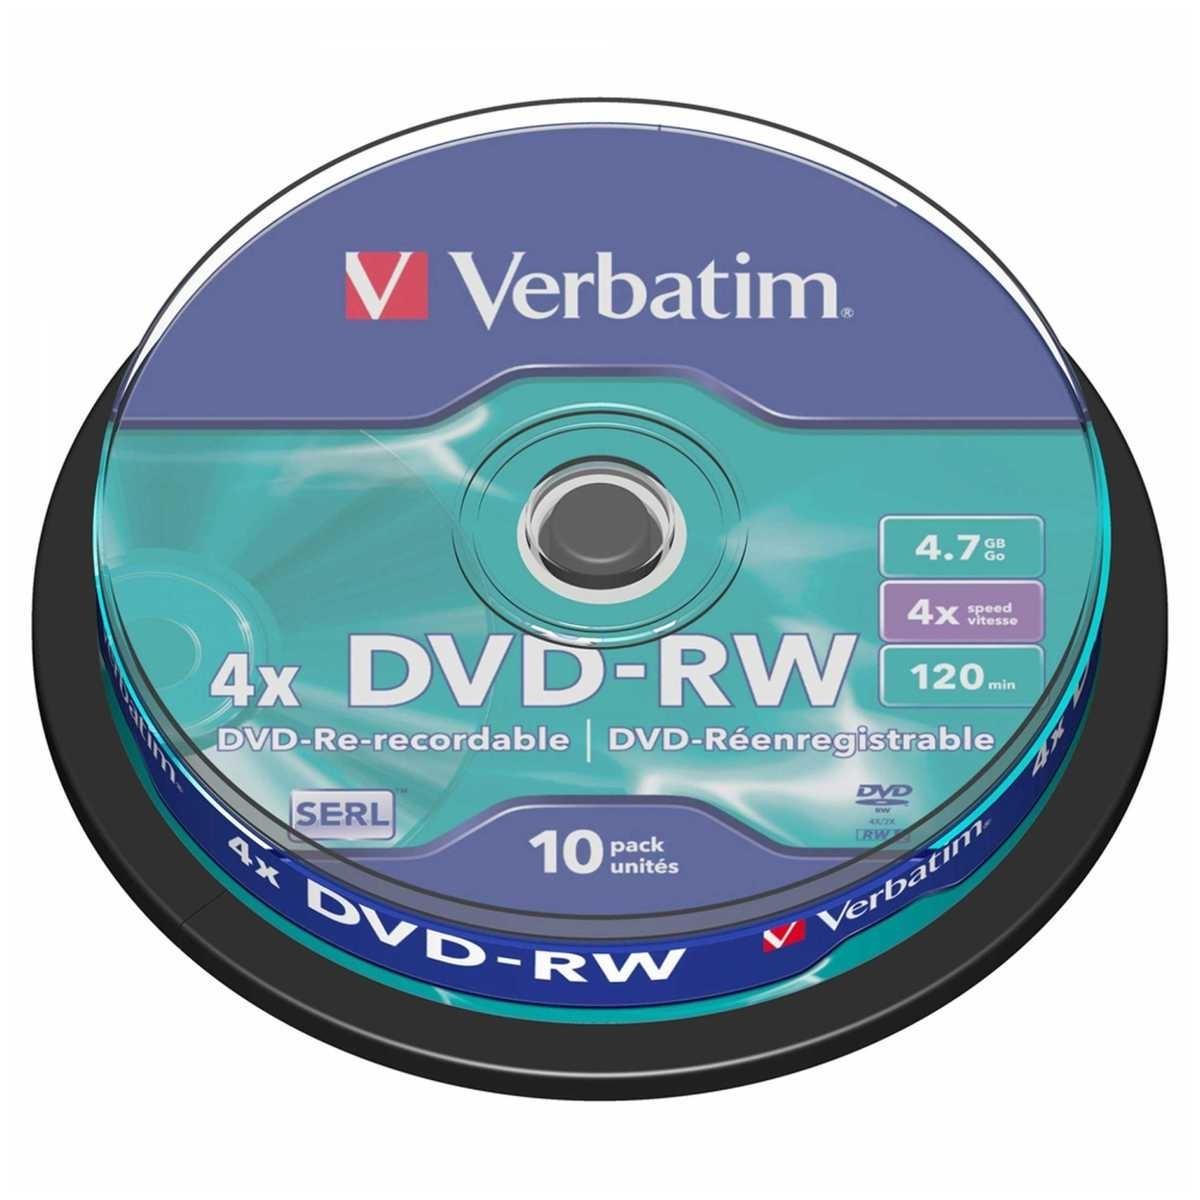 Диск DVD-RW Verbatim 4.7Gb 4x Cake Box (10 шт)